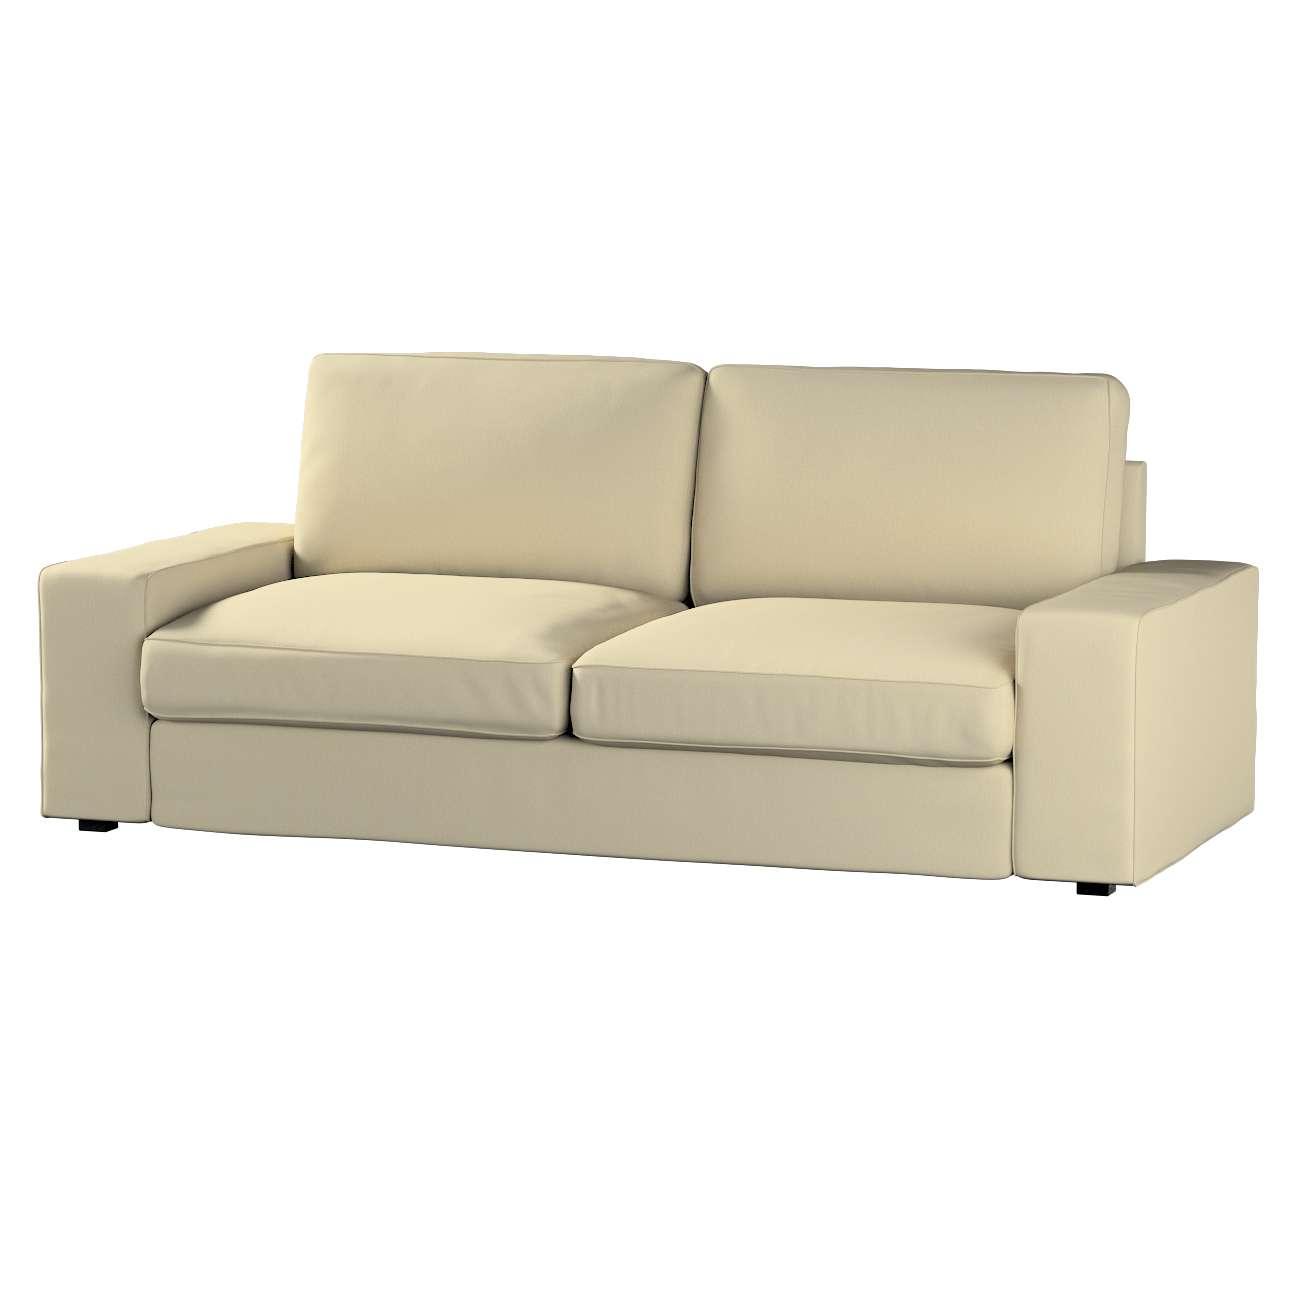 KIVIK trivietės sofos užvalkalas Kivik 3-seat sofa kolekcijoje Chenille, audinys: 702-22